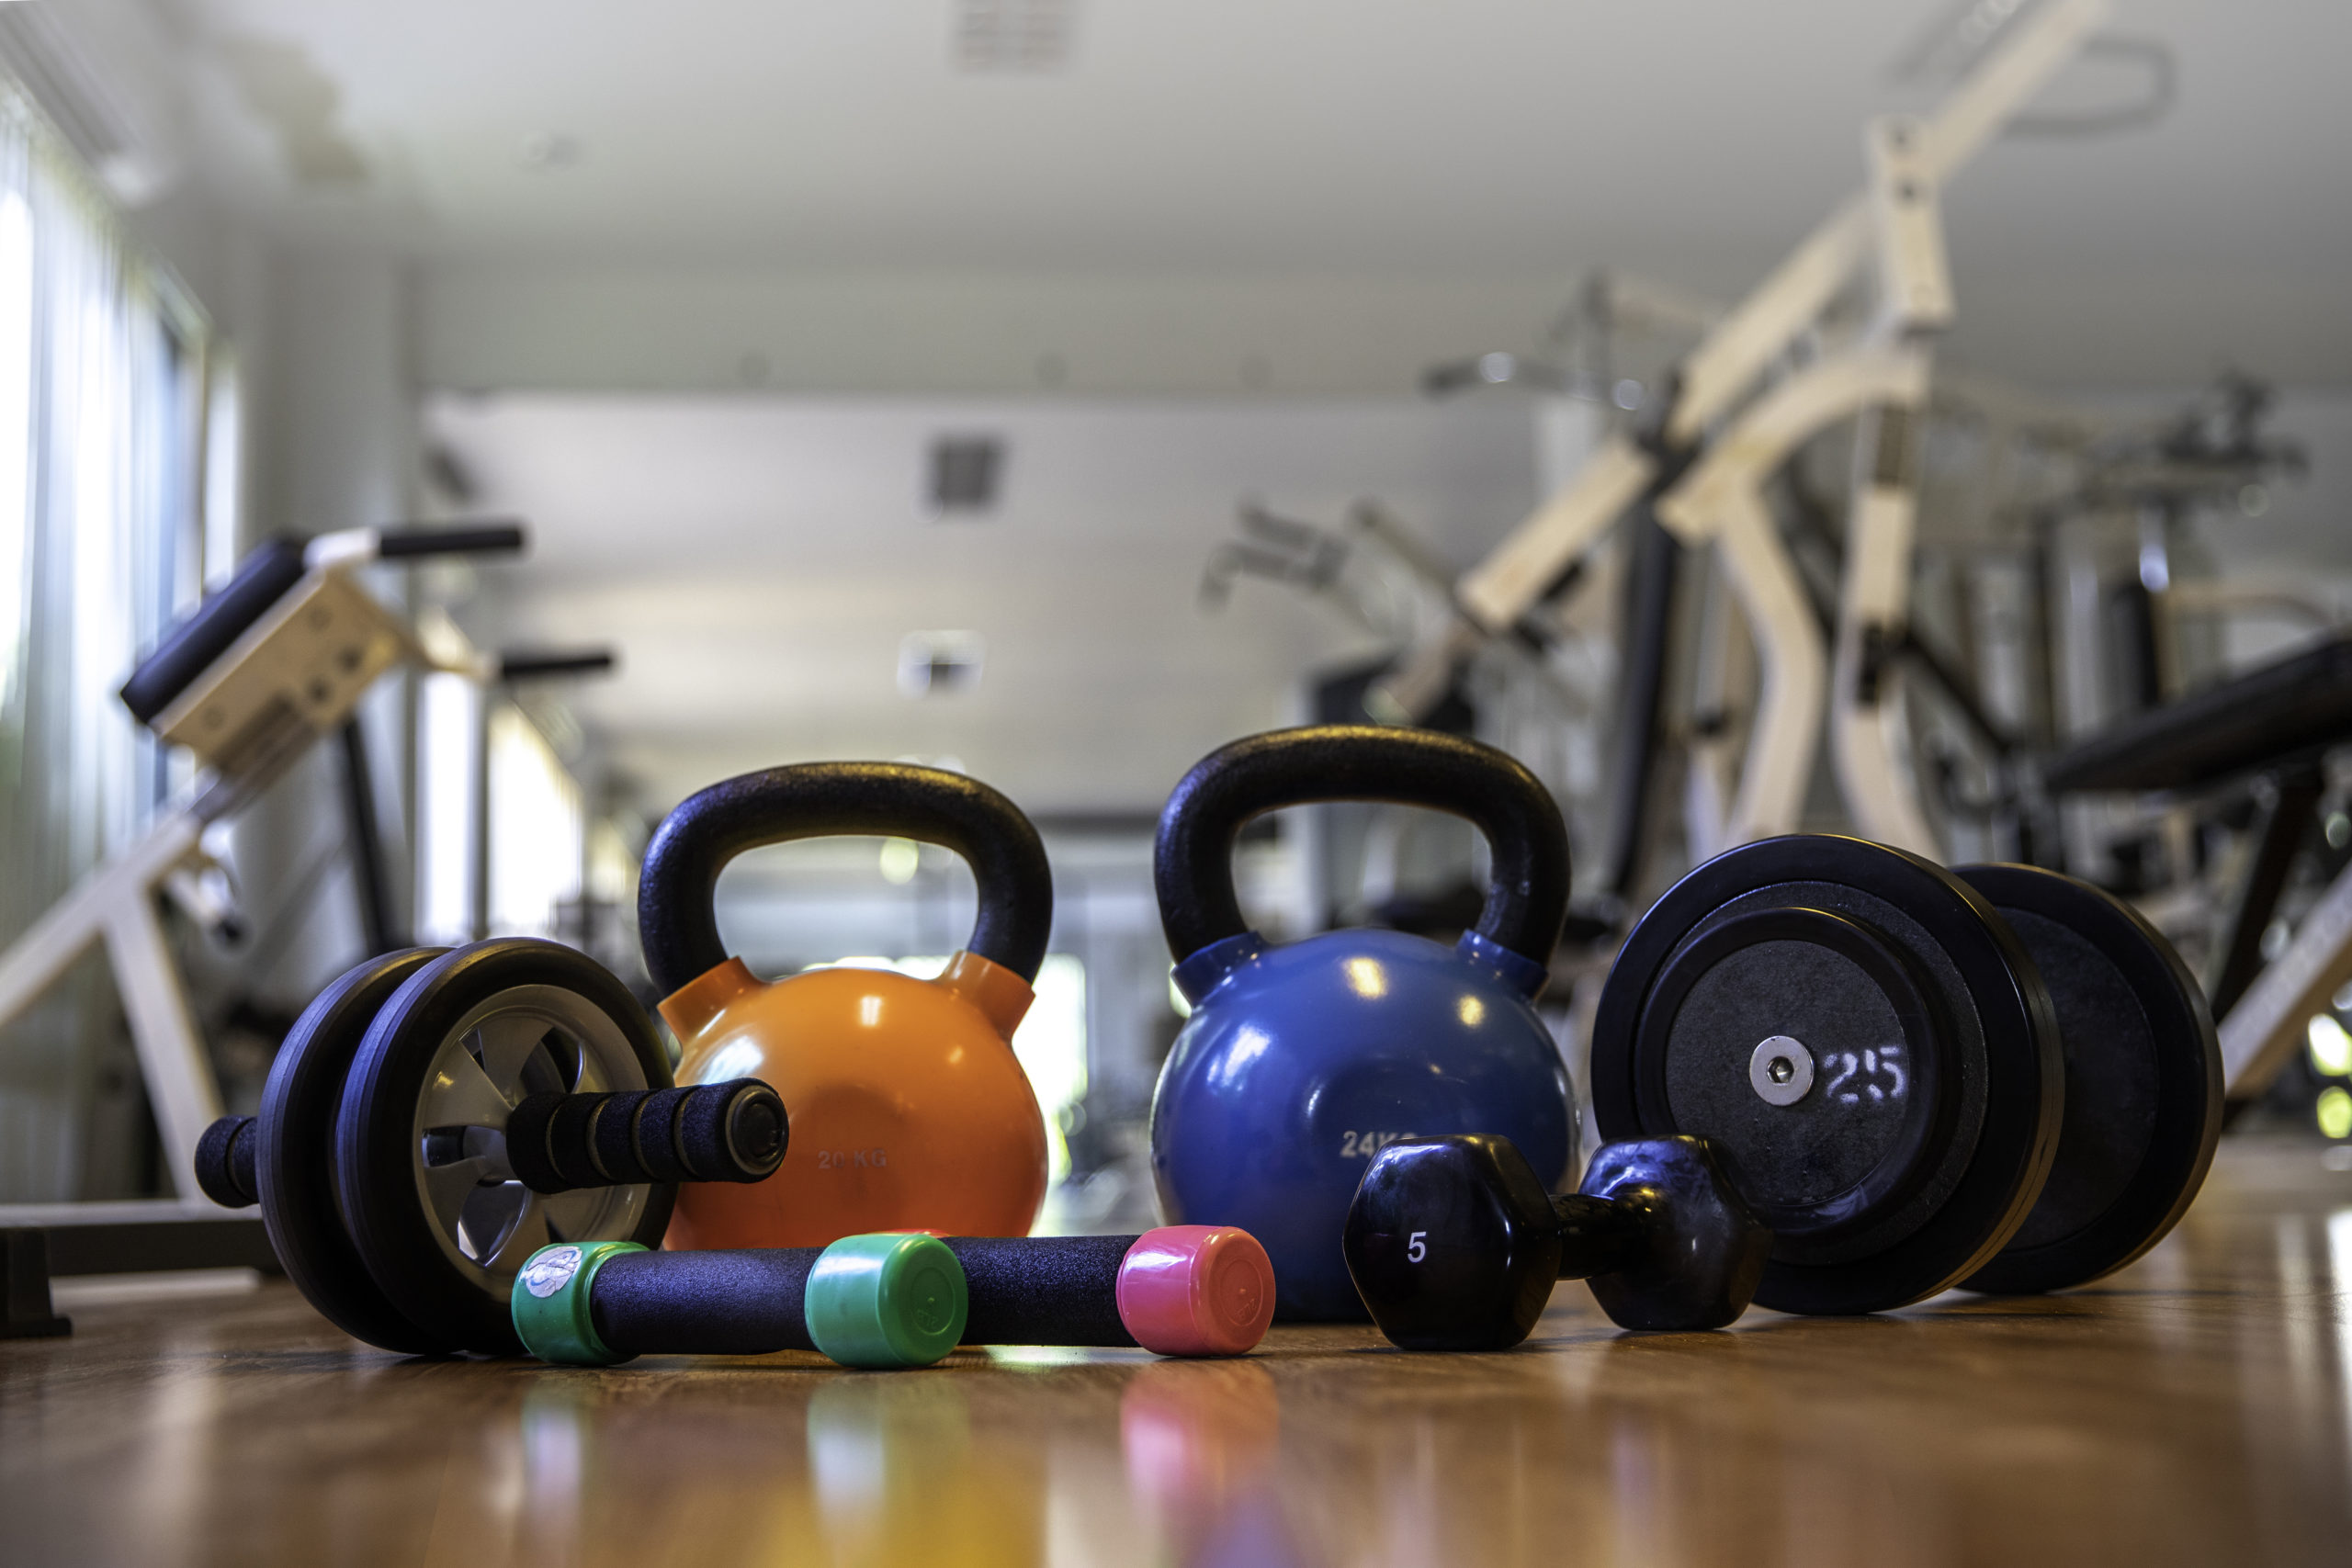 Coporate Fitness: Fitnessraum mit Trainingsgeräten und Gewichten